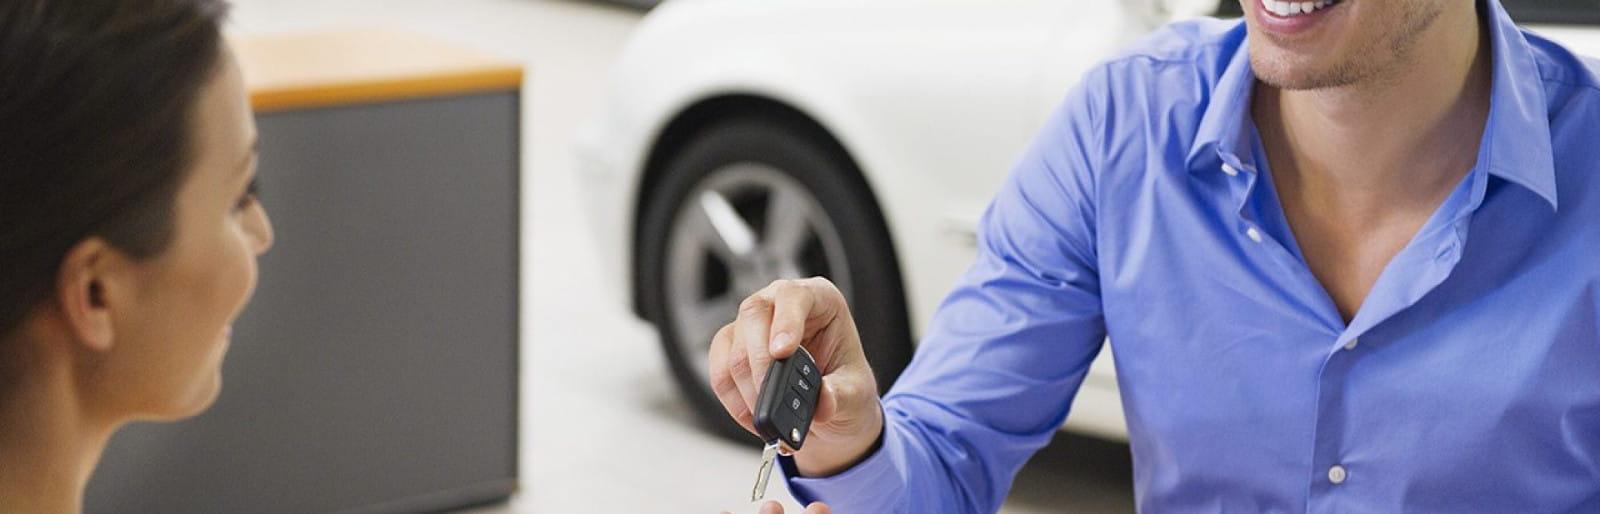 Infos Zum Kaufvertrag Auto Ratgeber Ergo